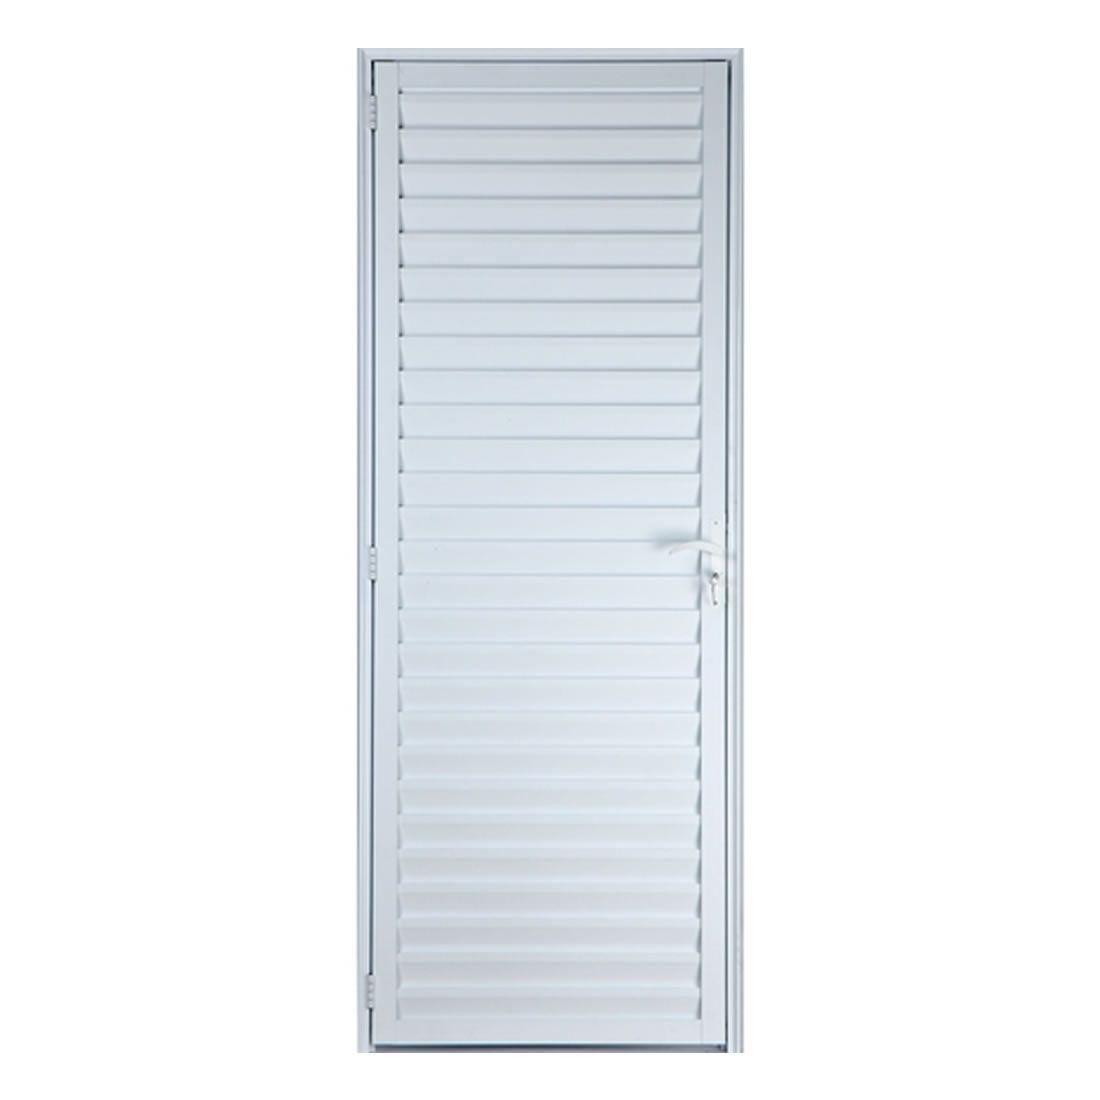 Porta Veneziana Lider 210 x 86 Esquerda Aluminío Branca